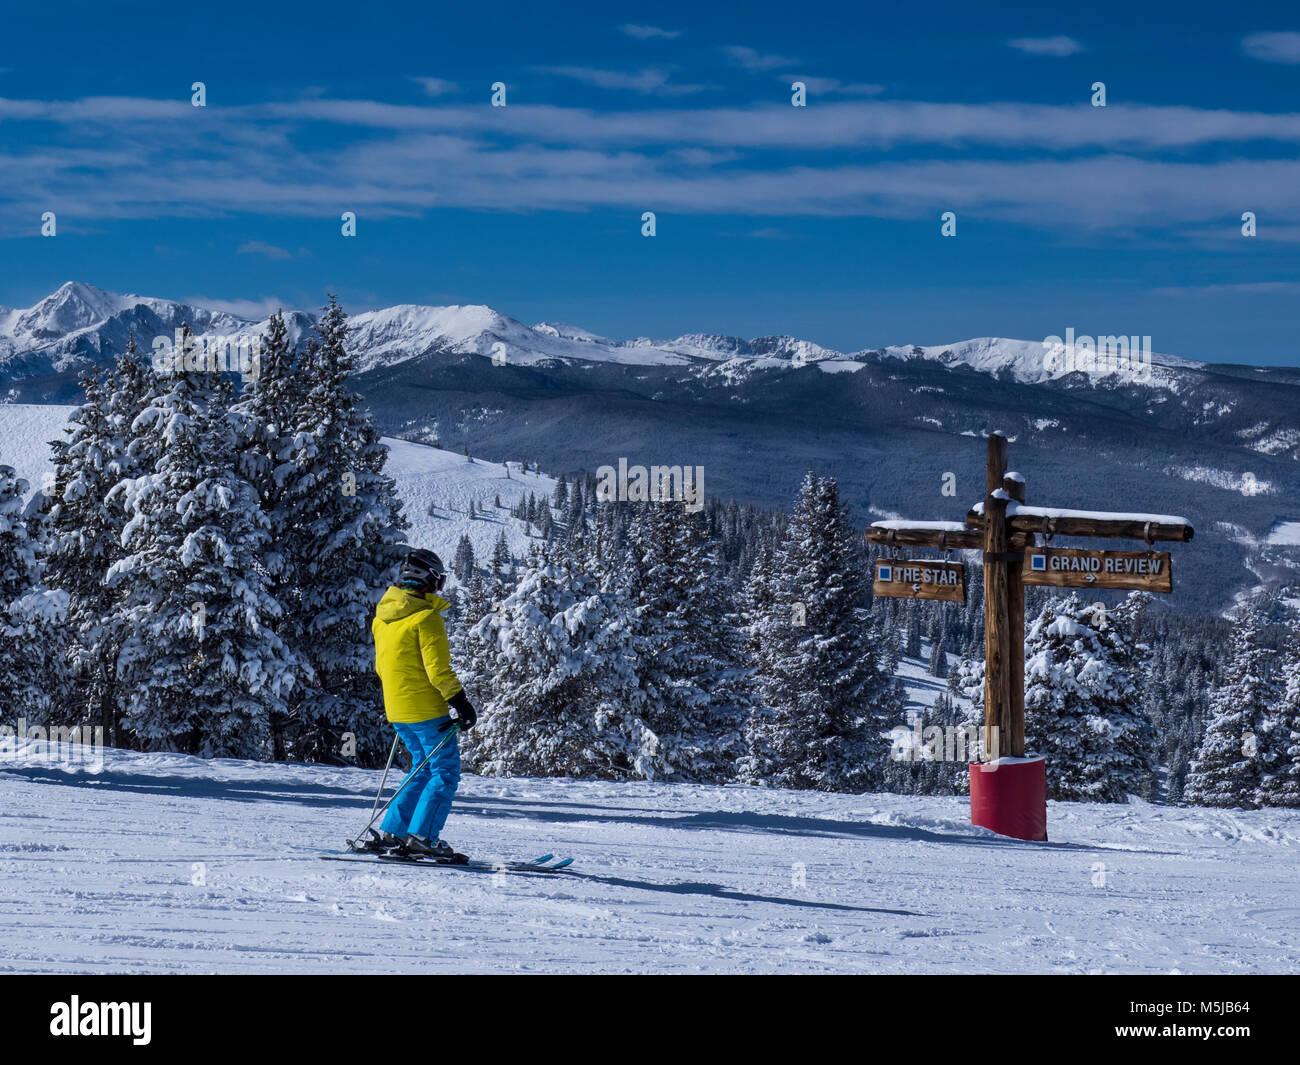 El cruce de la estrella y la gran revisión de invierno, pistas de esquí, Blue Sky Basin, Estación Imagen De Stock